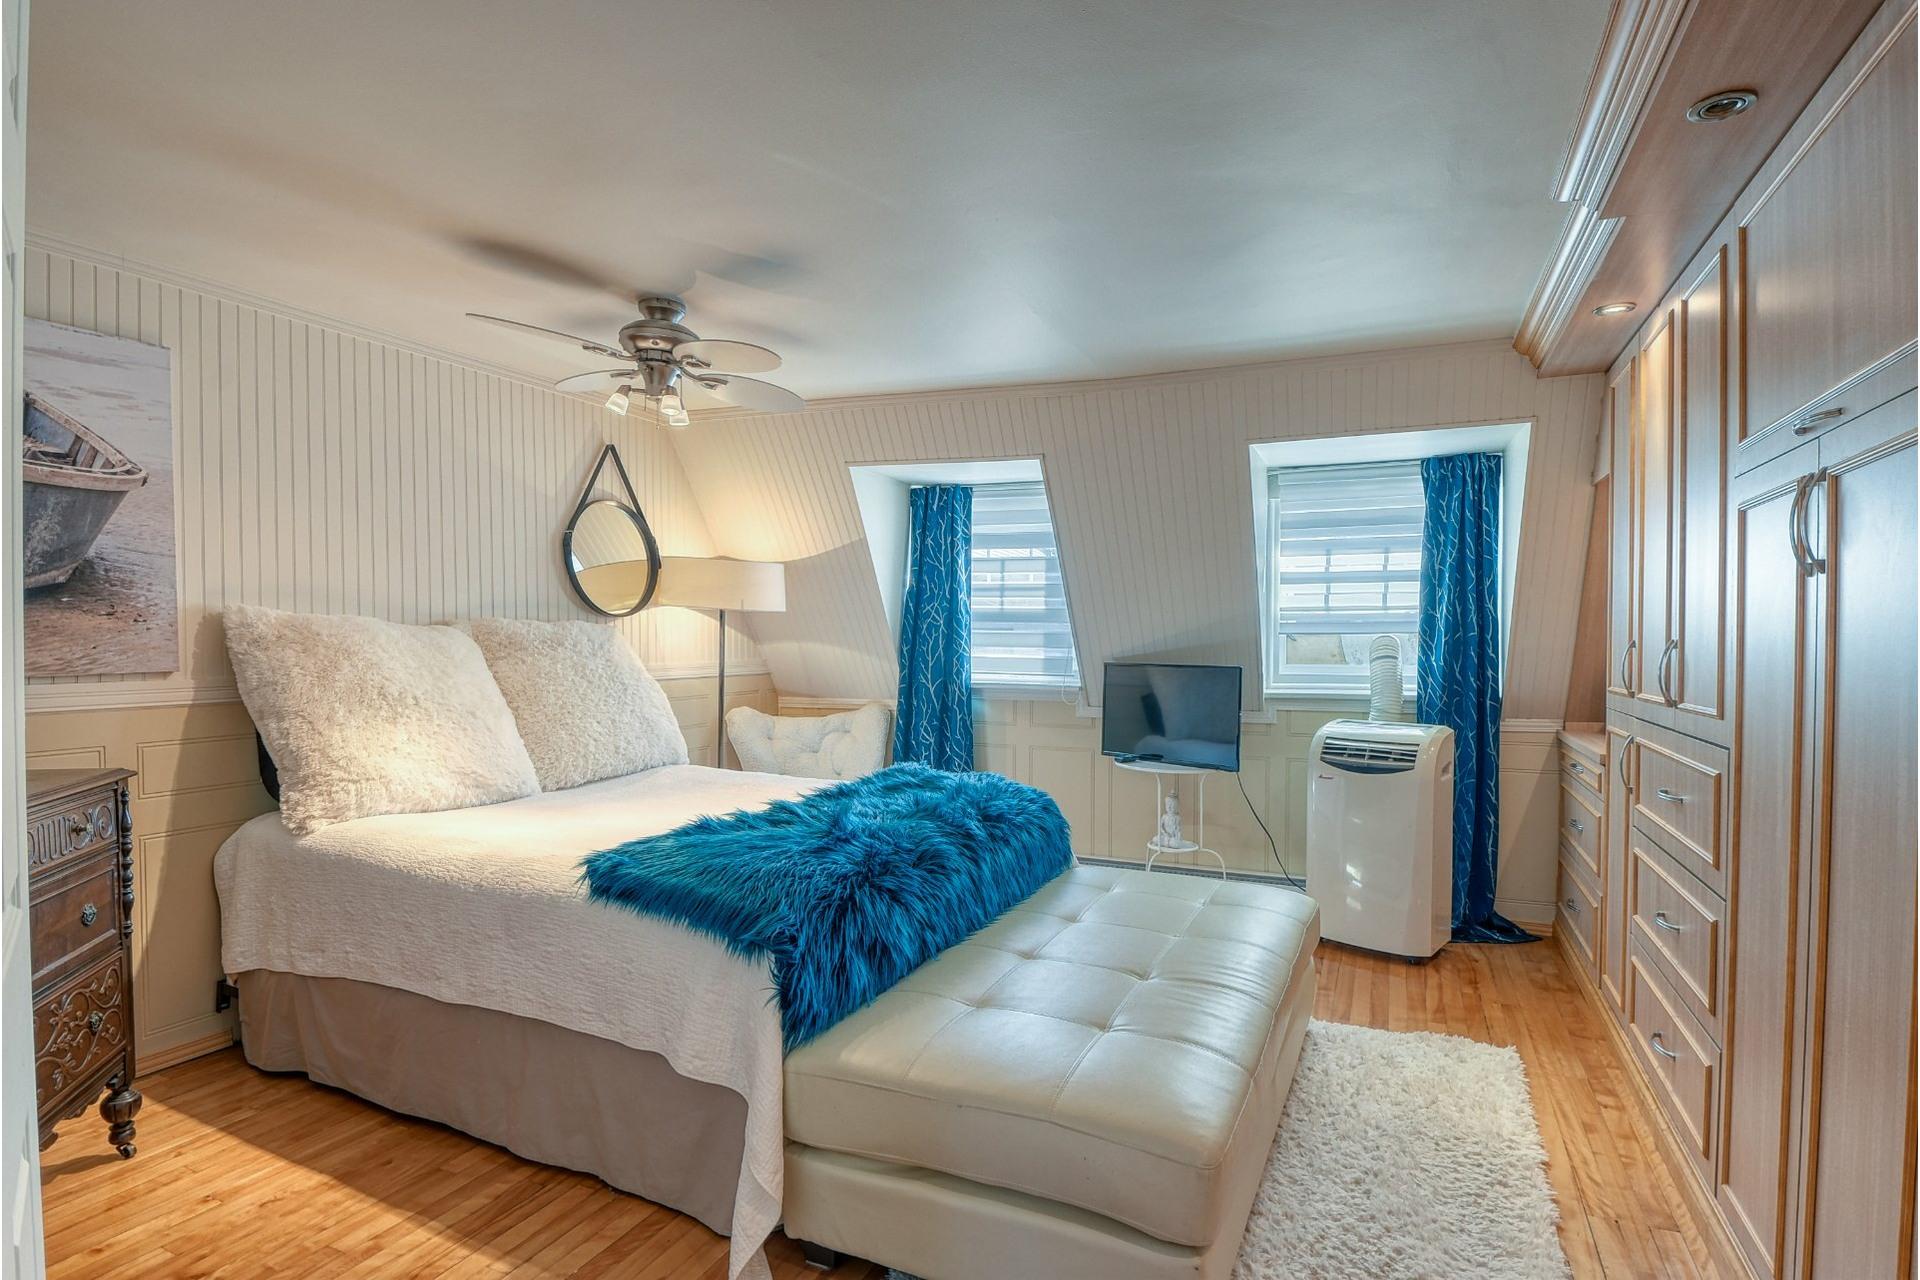 image 13 - Duplex For sale Lachine Montréal  - 5 rooms